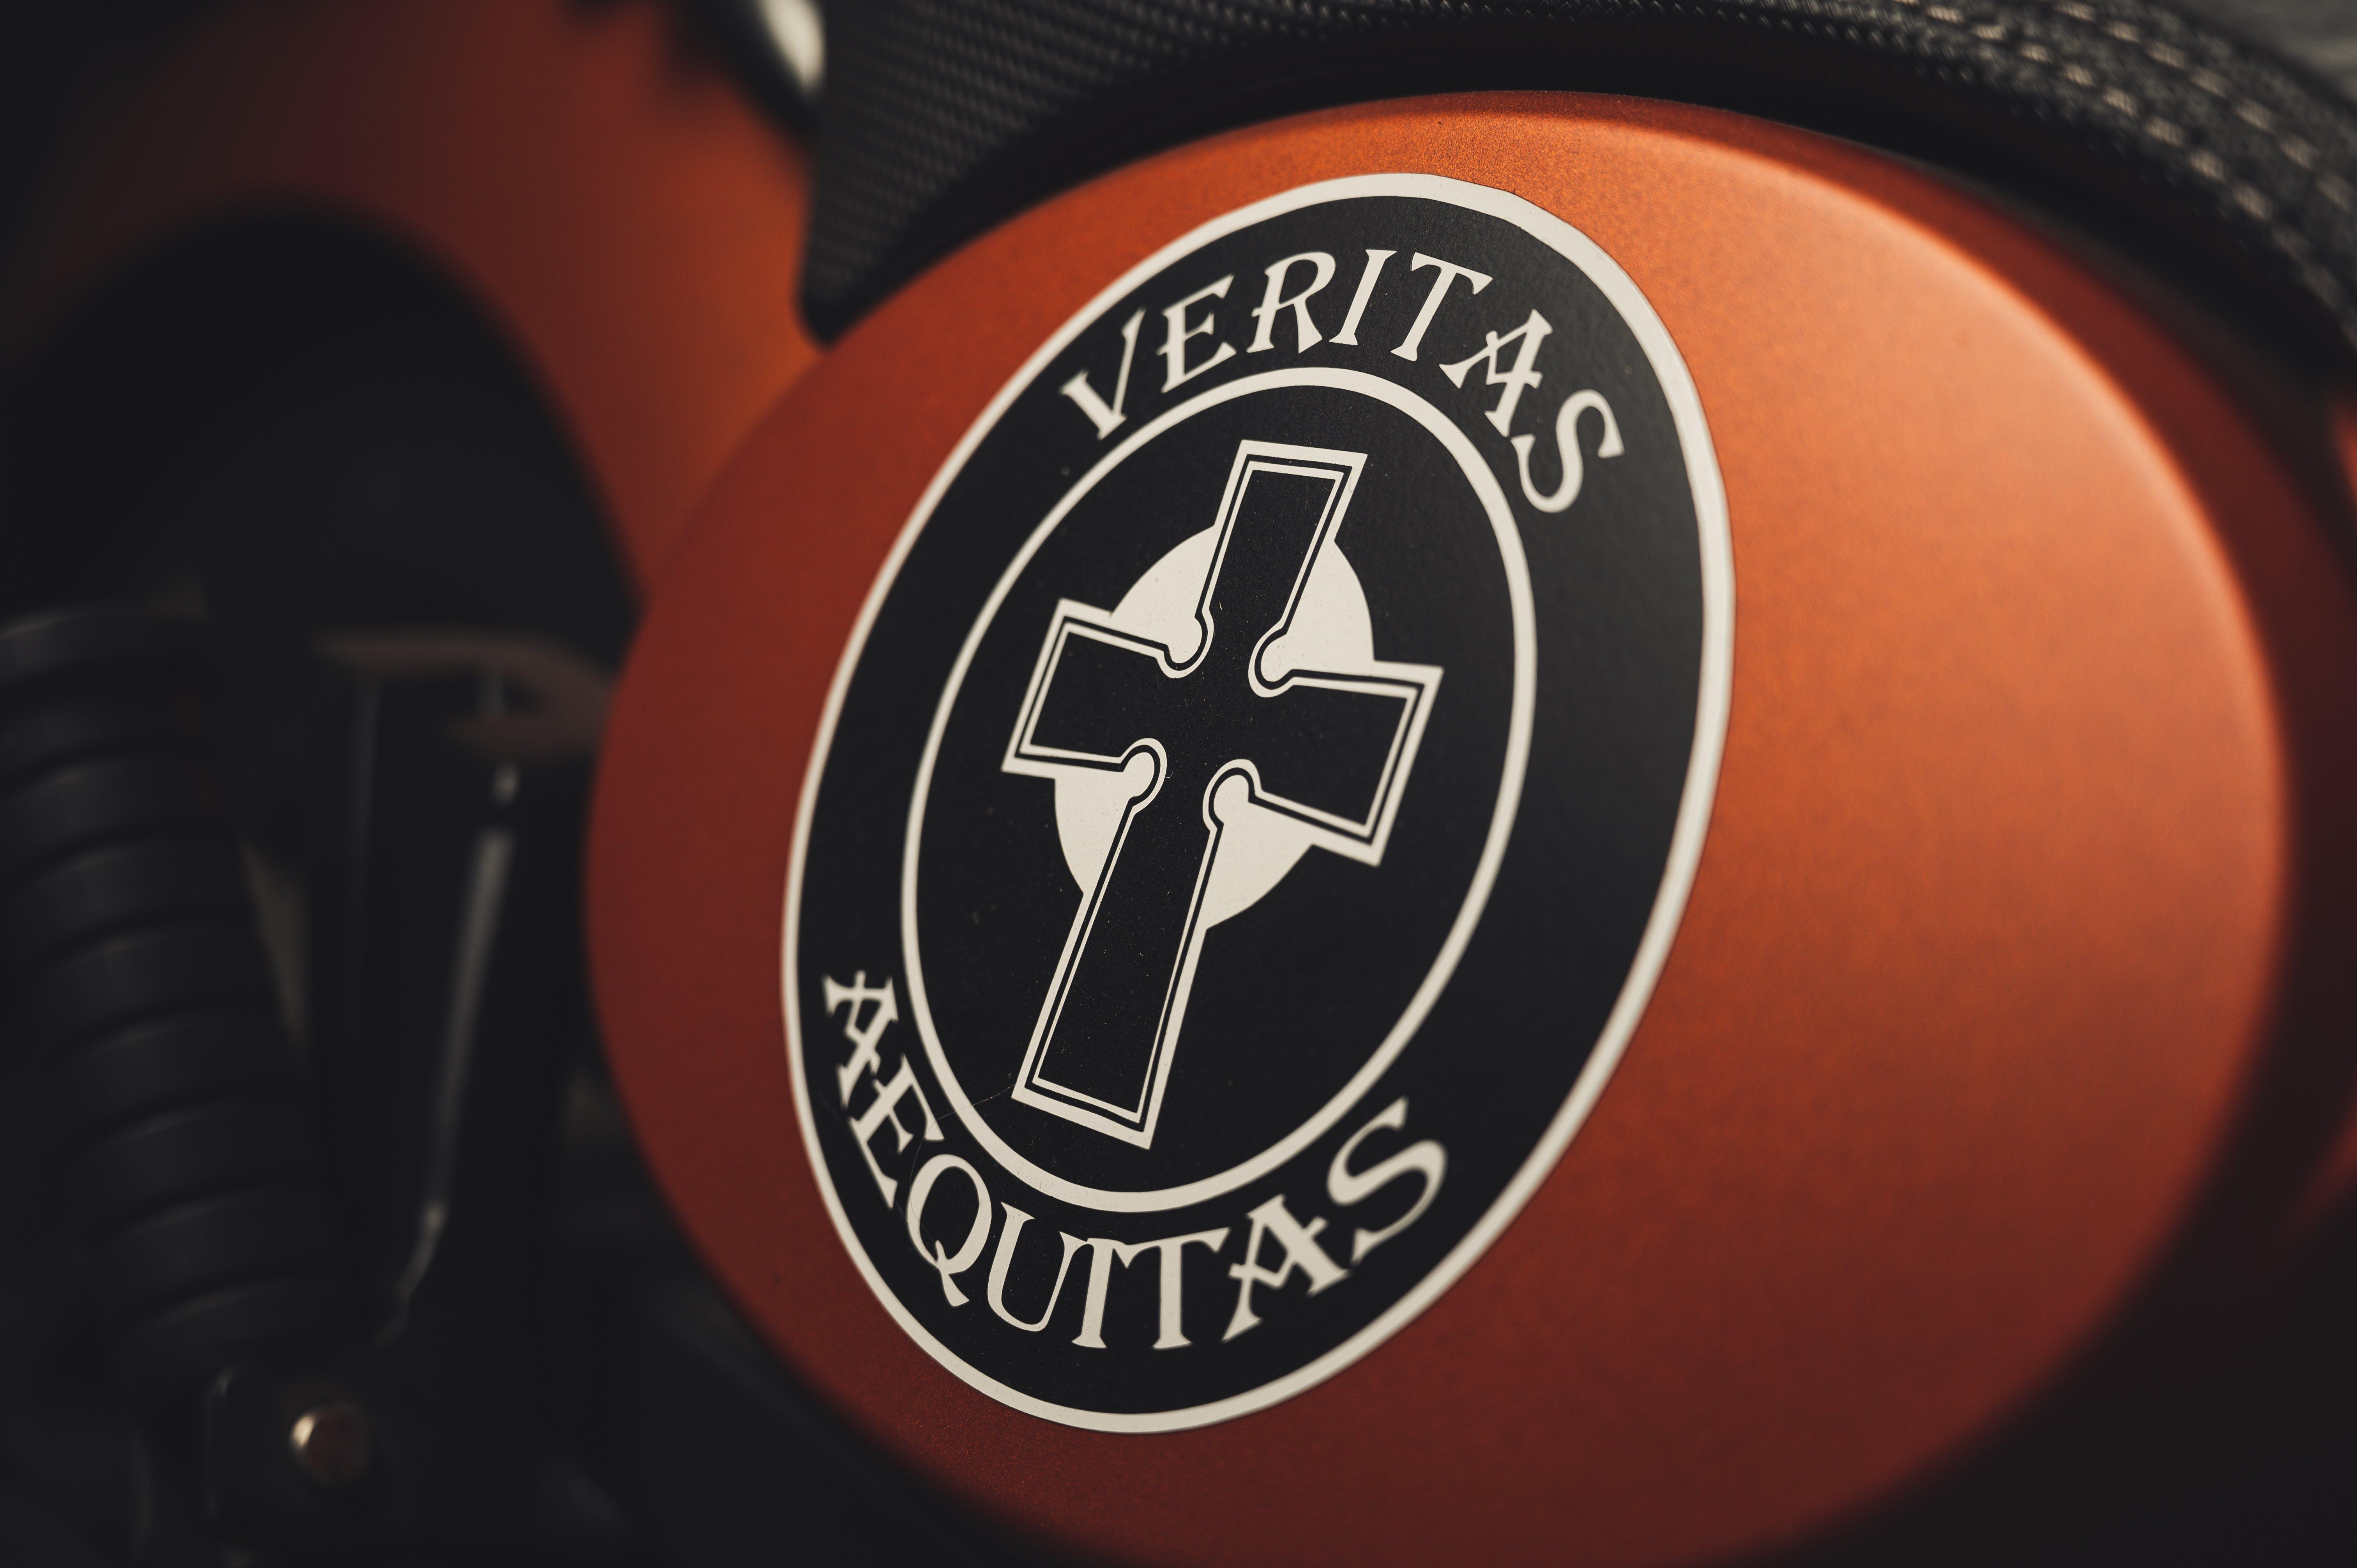 Veritas Aequitas Logo